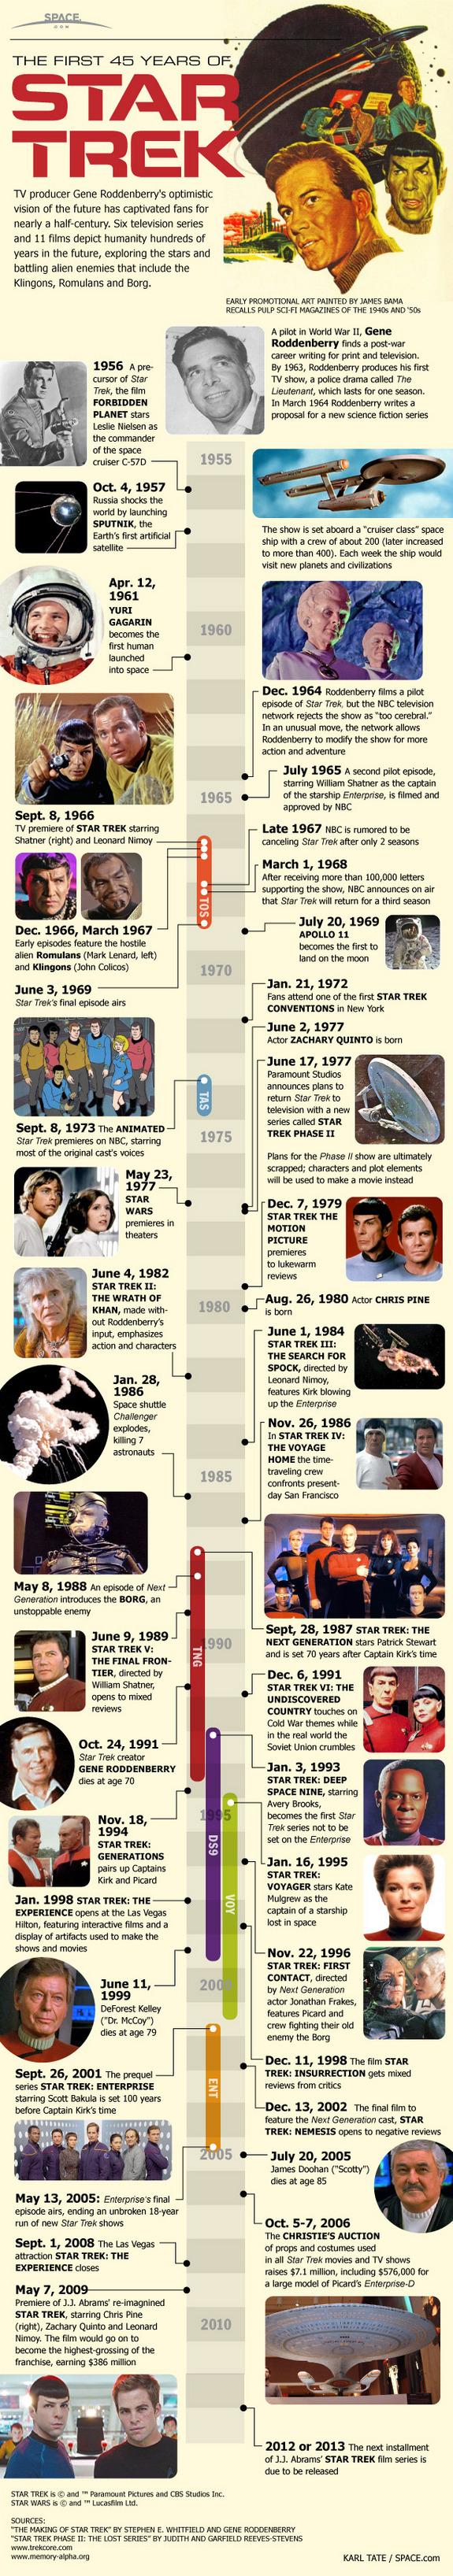 Star Trek Infographic